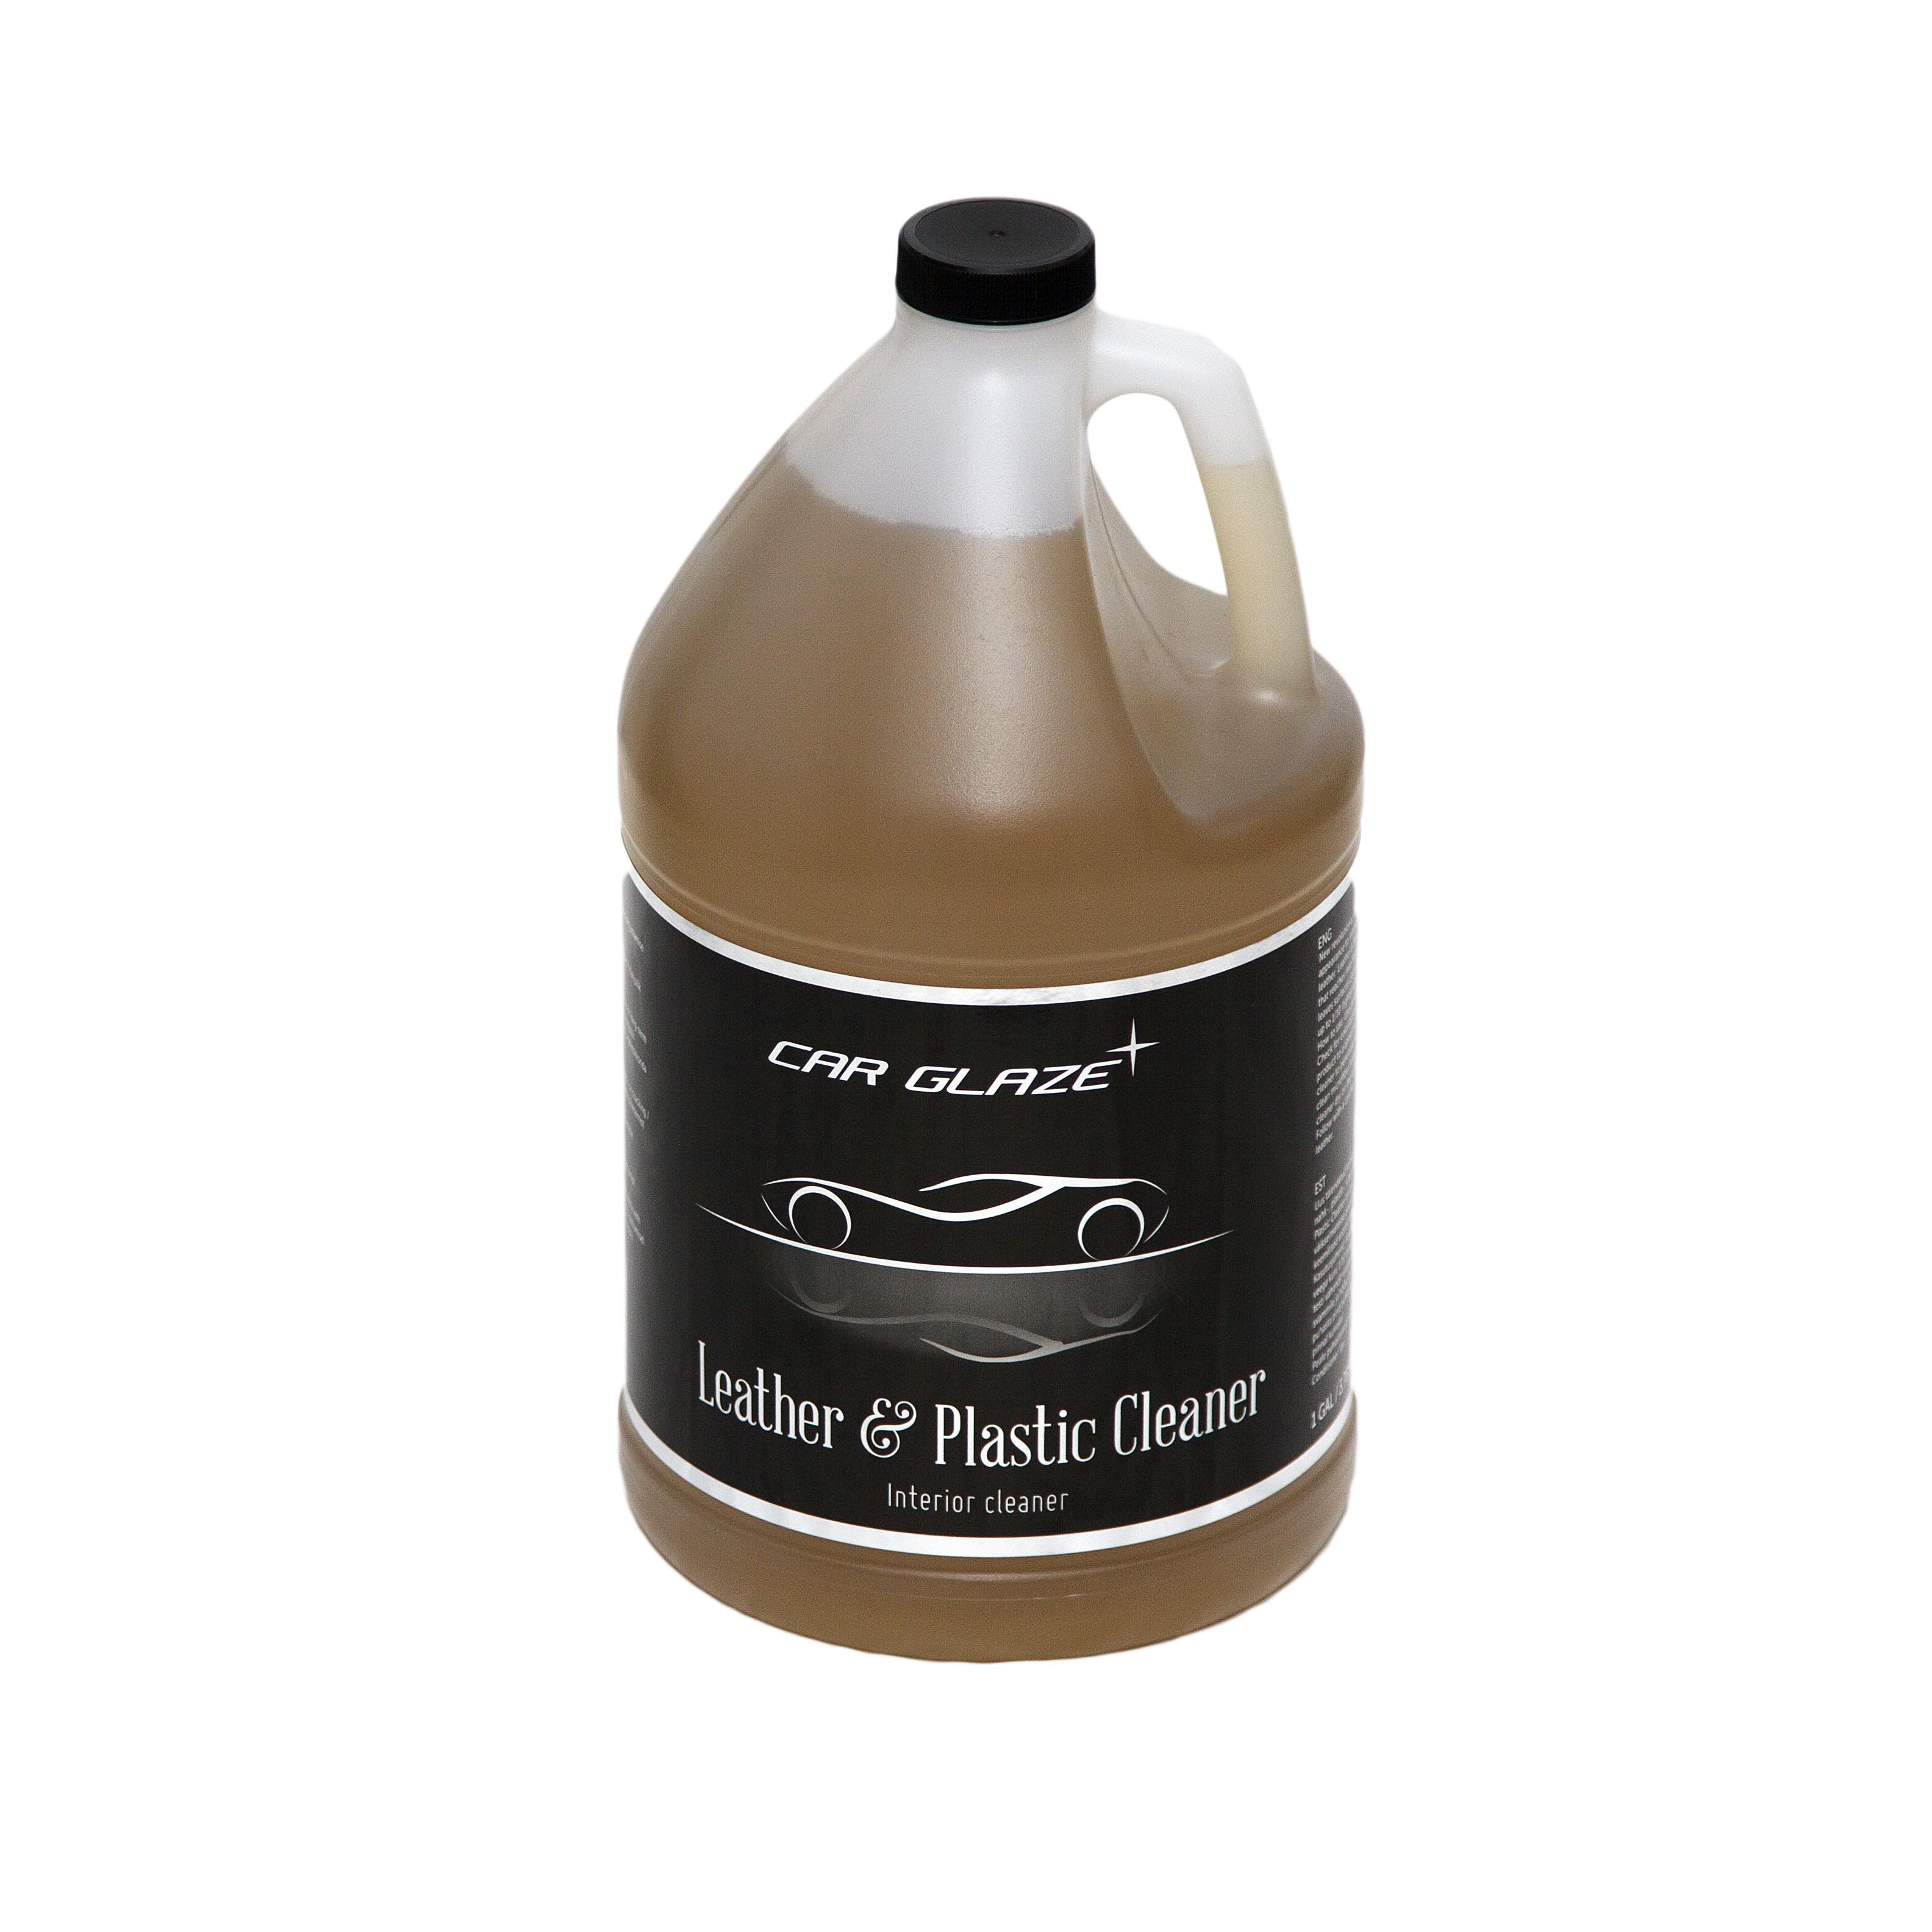 LEATHER & PLASTIC CLEANER - Car Glaze - naha ja plastiku puhastaja - nahapuhastusvahend - nahapuhastaja